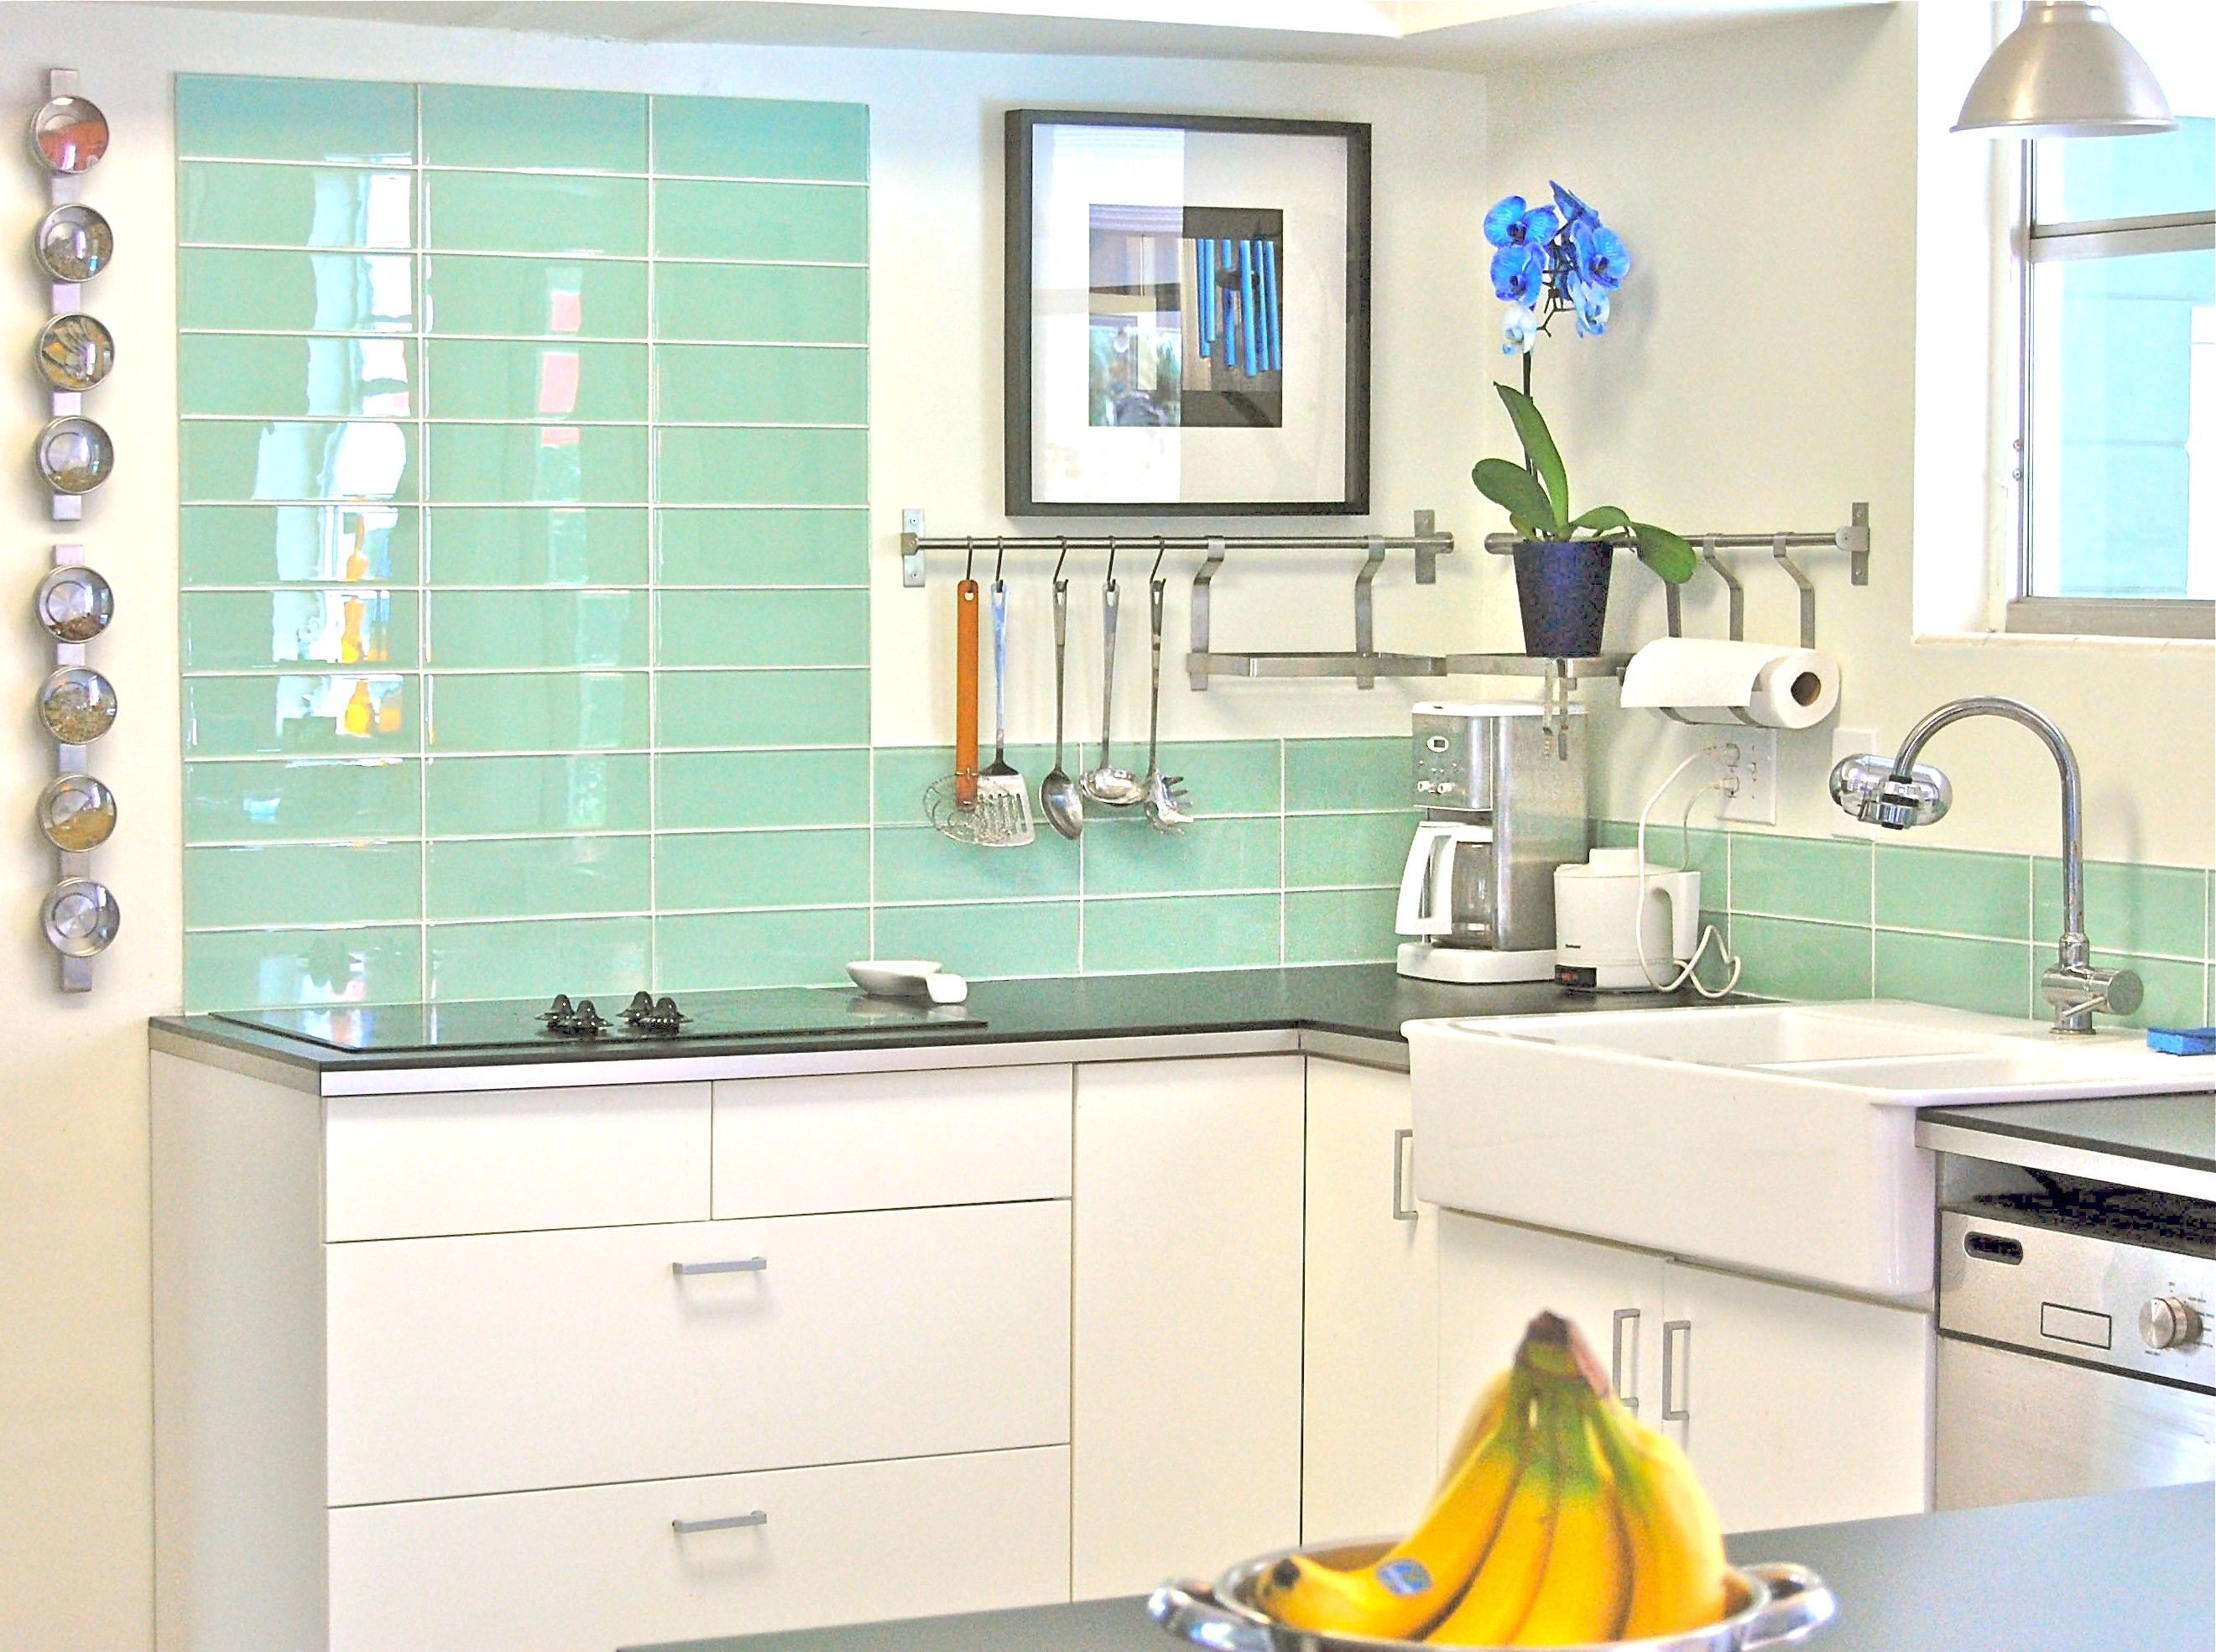 Outdoor Küchen Oehler : Outdoor küche bad saulgau aussenküche instagram photos and